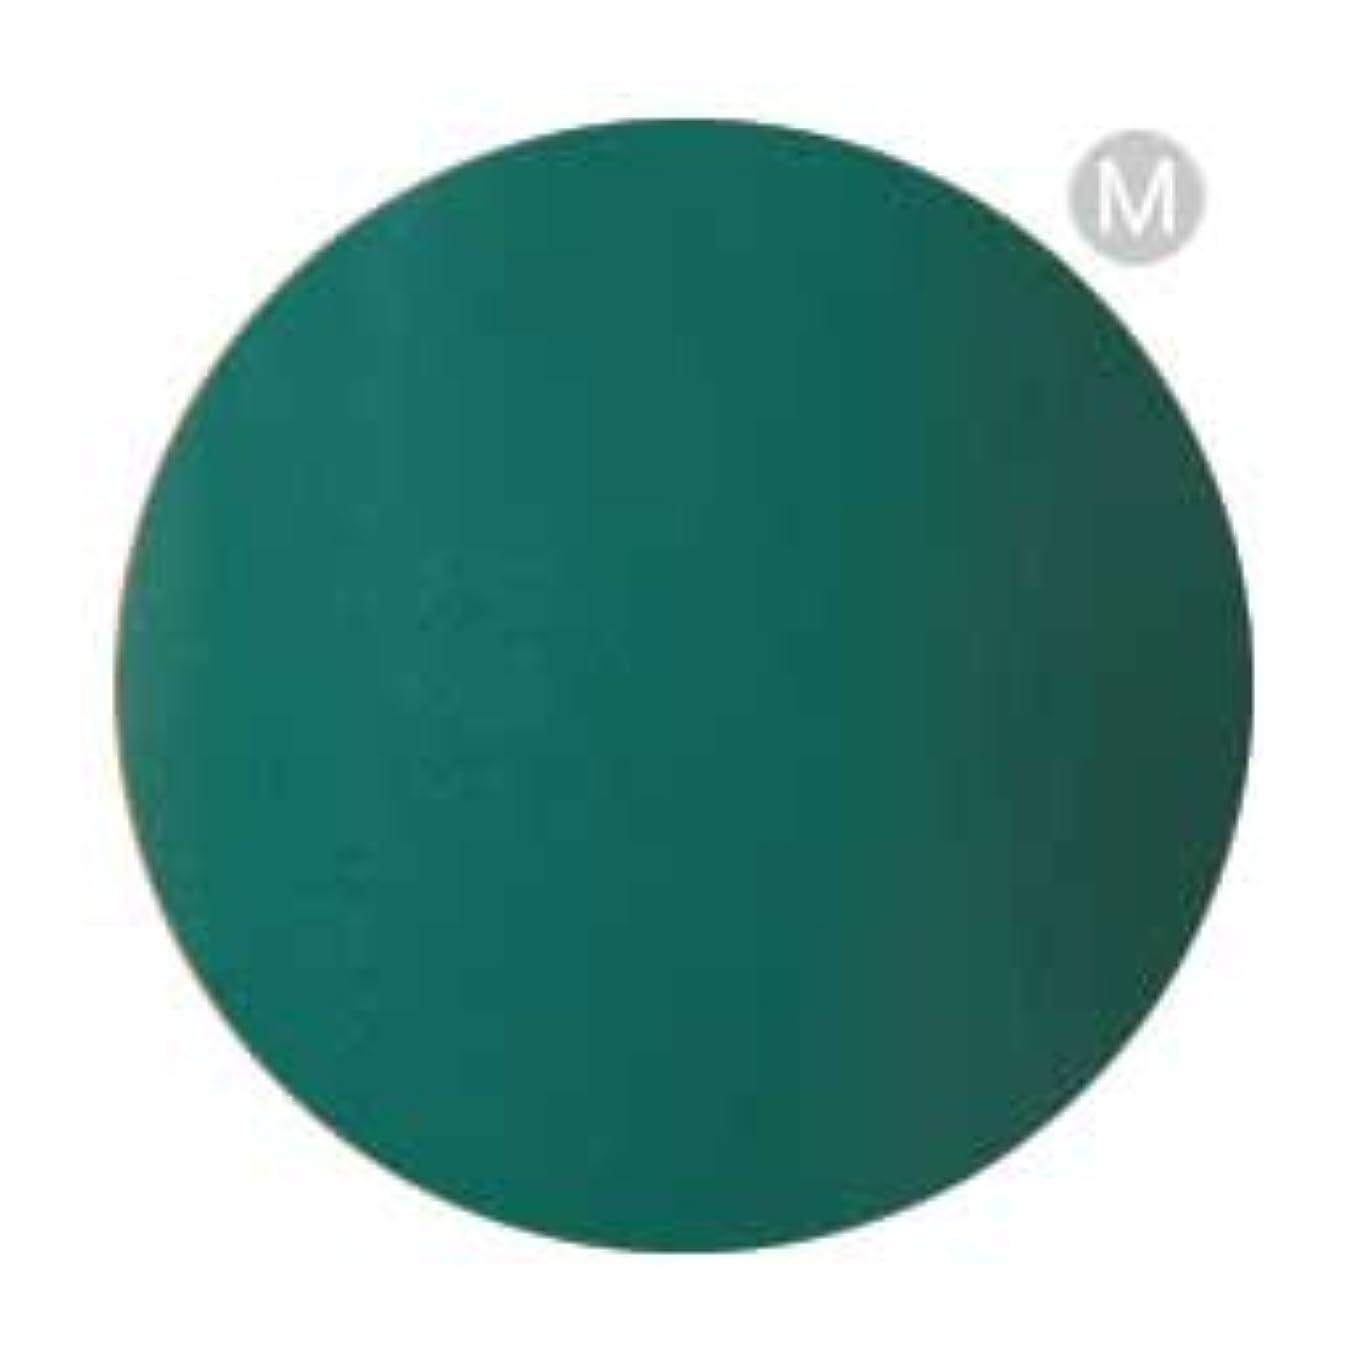 話をする誰の強化するPalms Graceful カラージェル 3g 003 グリーン